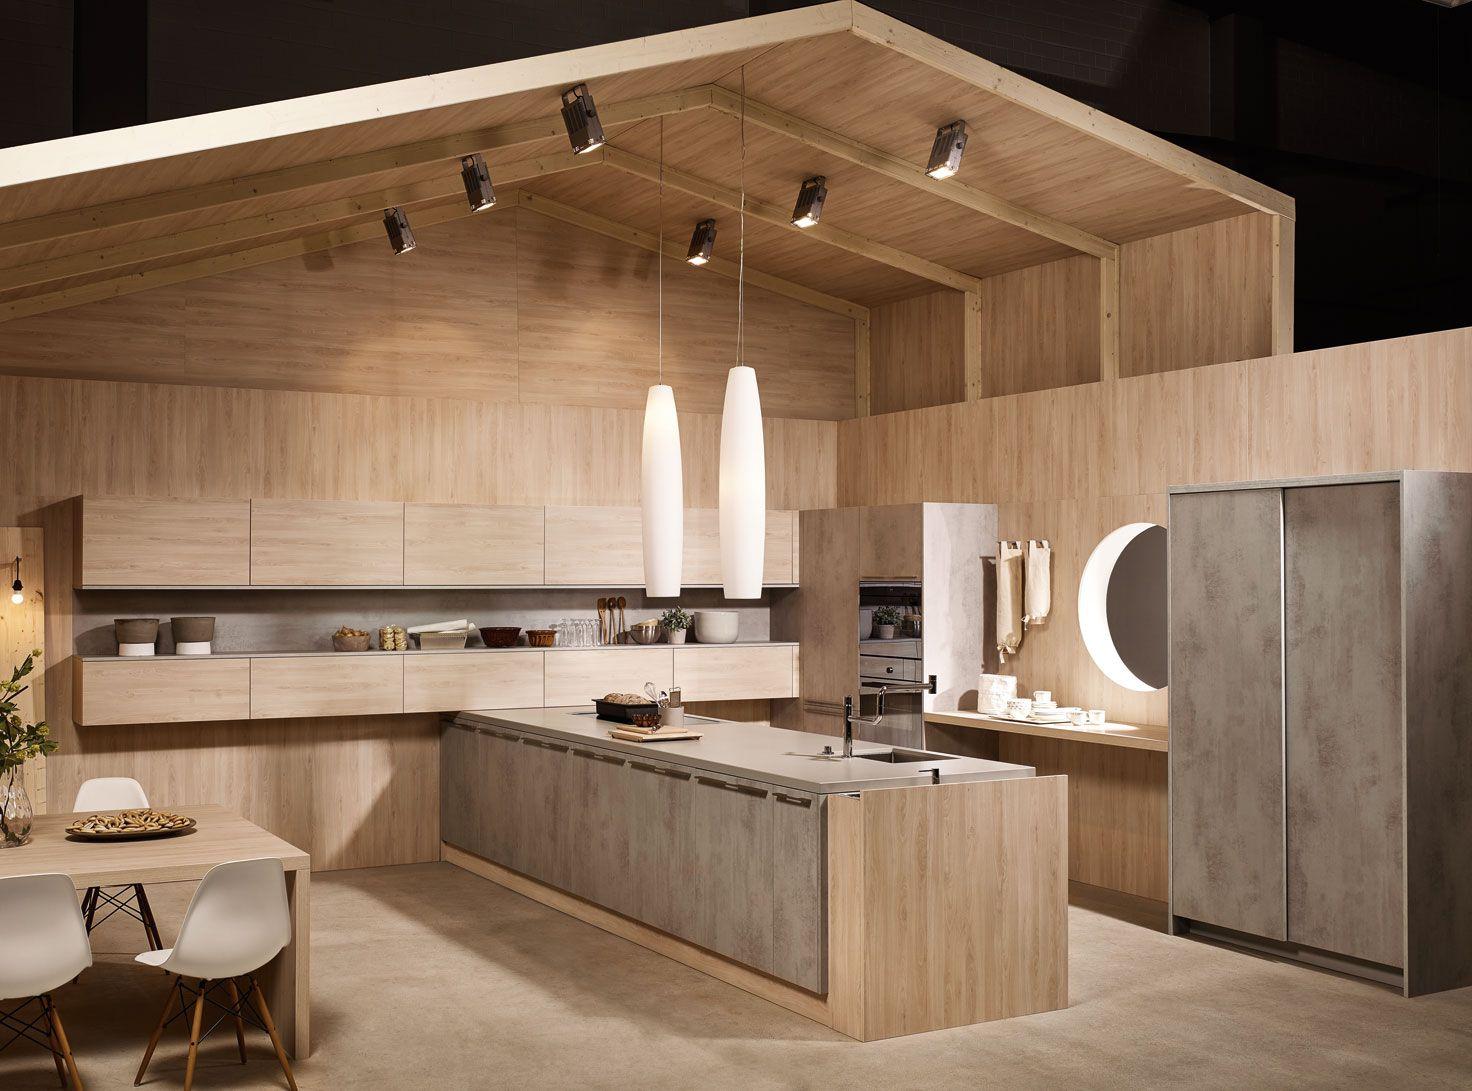 Woodworker Küchen ~ Kh küche: beton grau fjord buche natur kh kitchen: concrete